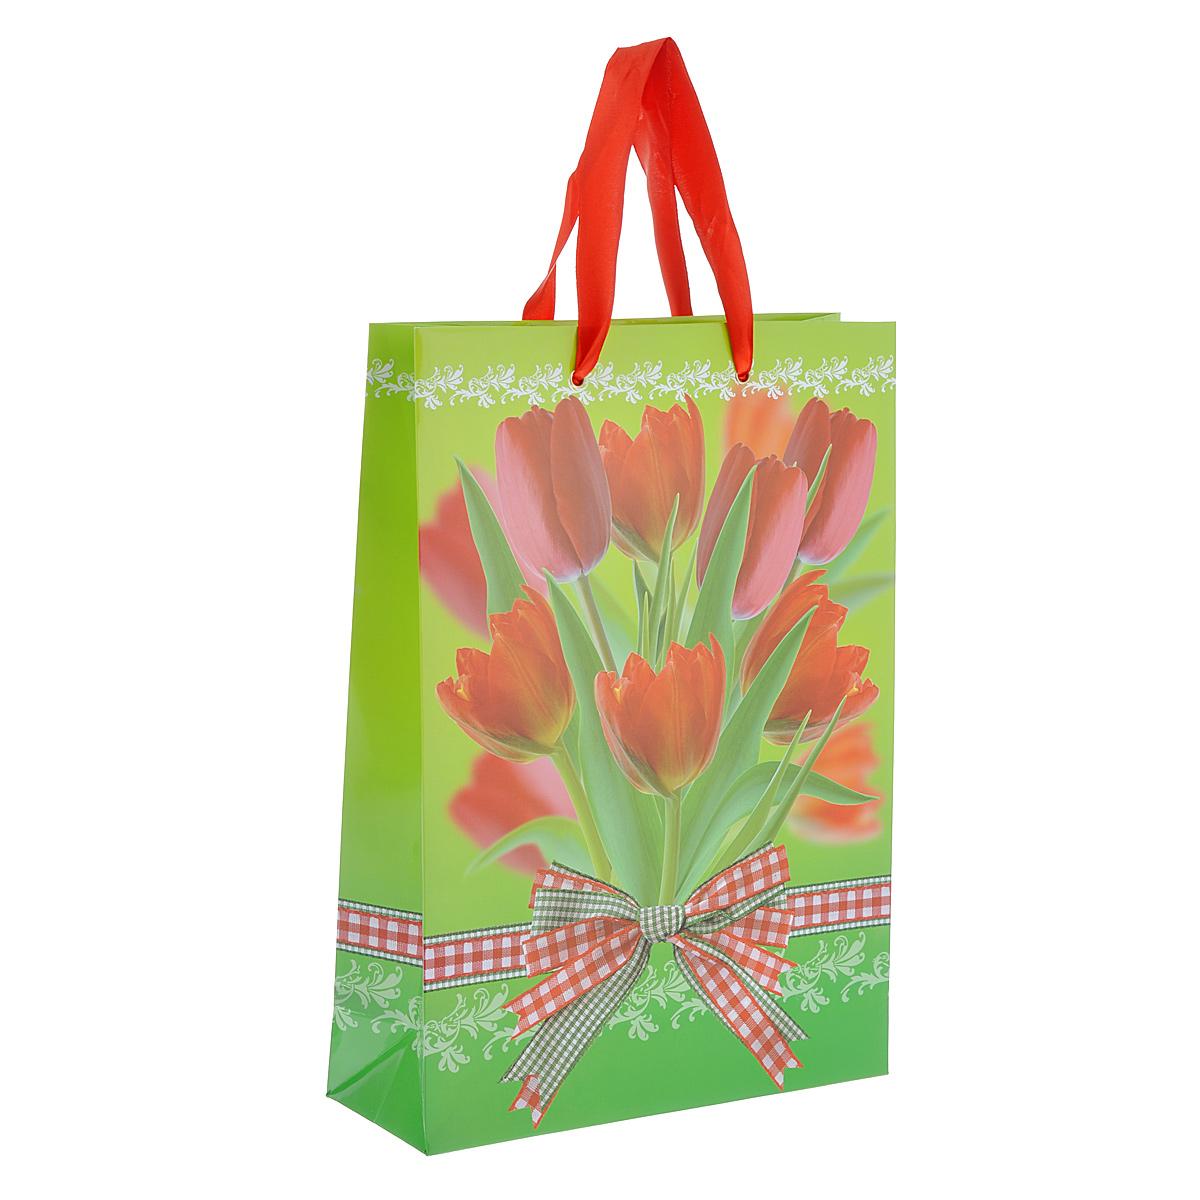 Пакет подарочный Тюльпаны, 25 см х 35 см х 9 смK100Подарочный пакет Тюльпаны выполнен из плотной ламинированной бумаги с красочным цветочным рисунком. Дизайн очень яркий и заряжает весенним настроением. Дно изделия укреплено плотным картоном, который позволяет сохранить форму пакета и исключает возможность деформации под тяжестью подарка. Для удобной переноски на пакете имеются две атласные ручки.Подарок, преподнесенный в оригинальной упаковке, всегда будет самым эффектным и запоминающимся. Окружите близких людей вниманием и заботой, вручив презент в нарядном, праздничном оформлении.